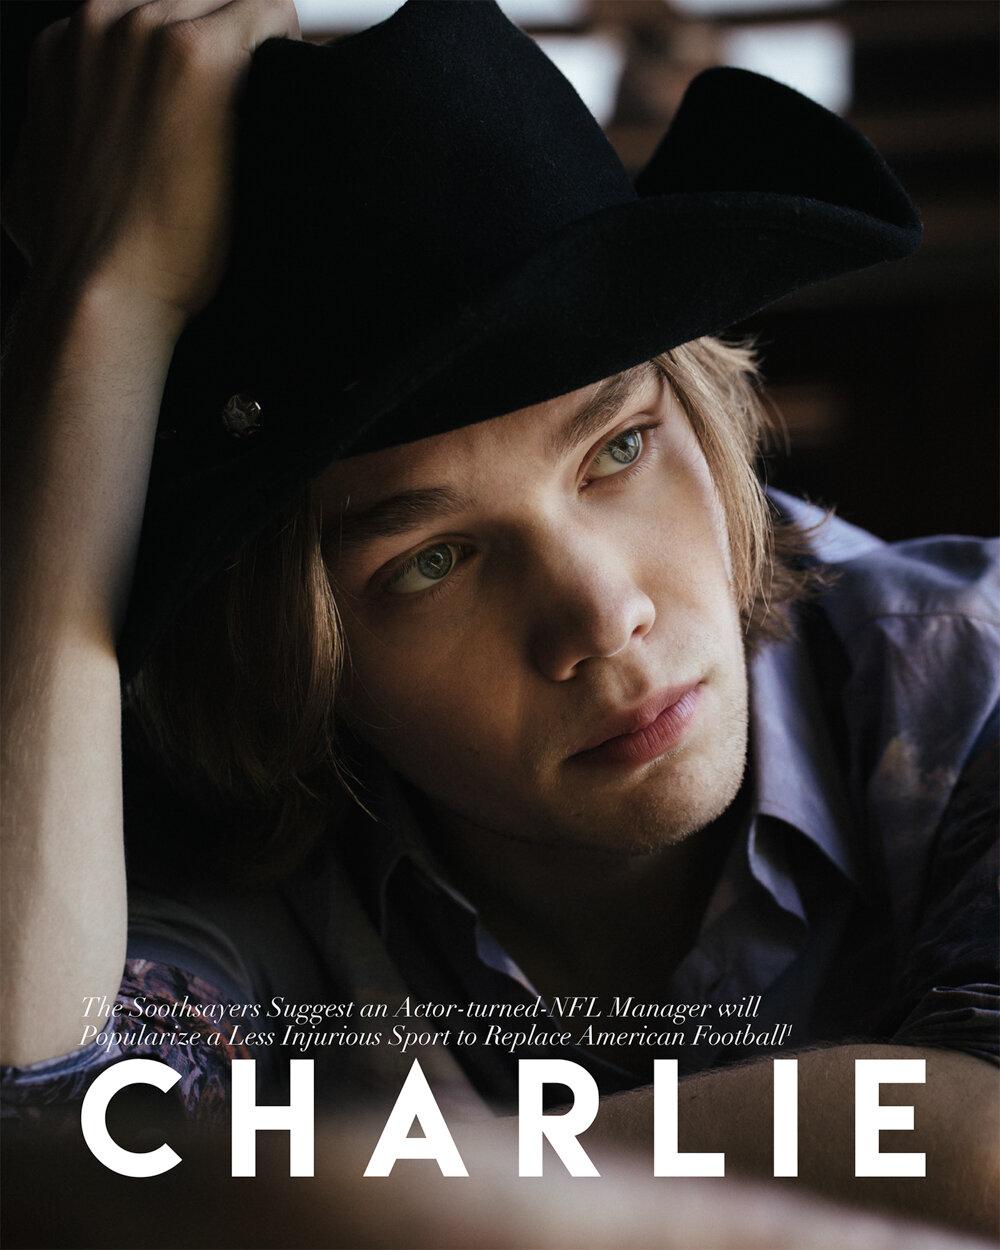 161-CHARLIE+PLUMMER-1.jpg